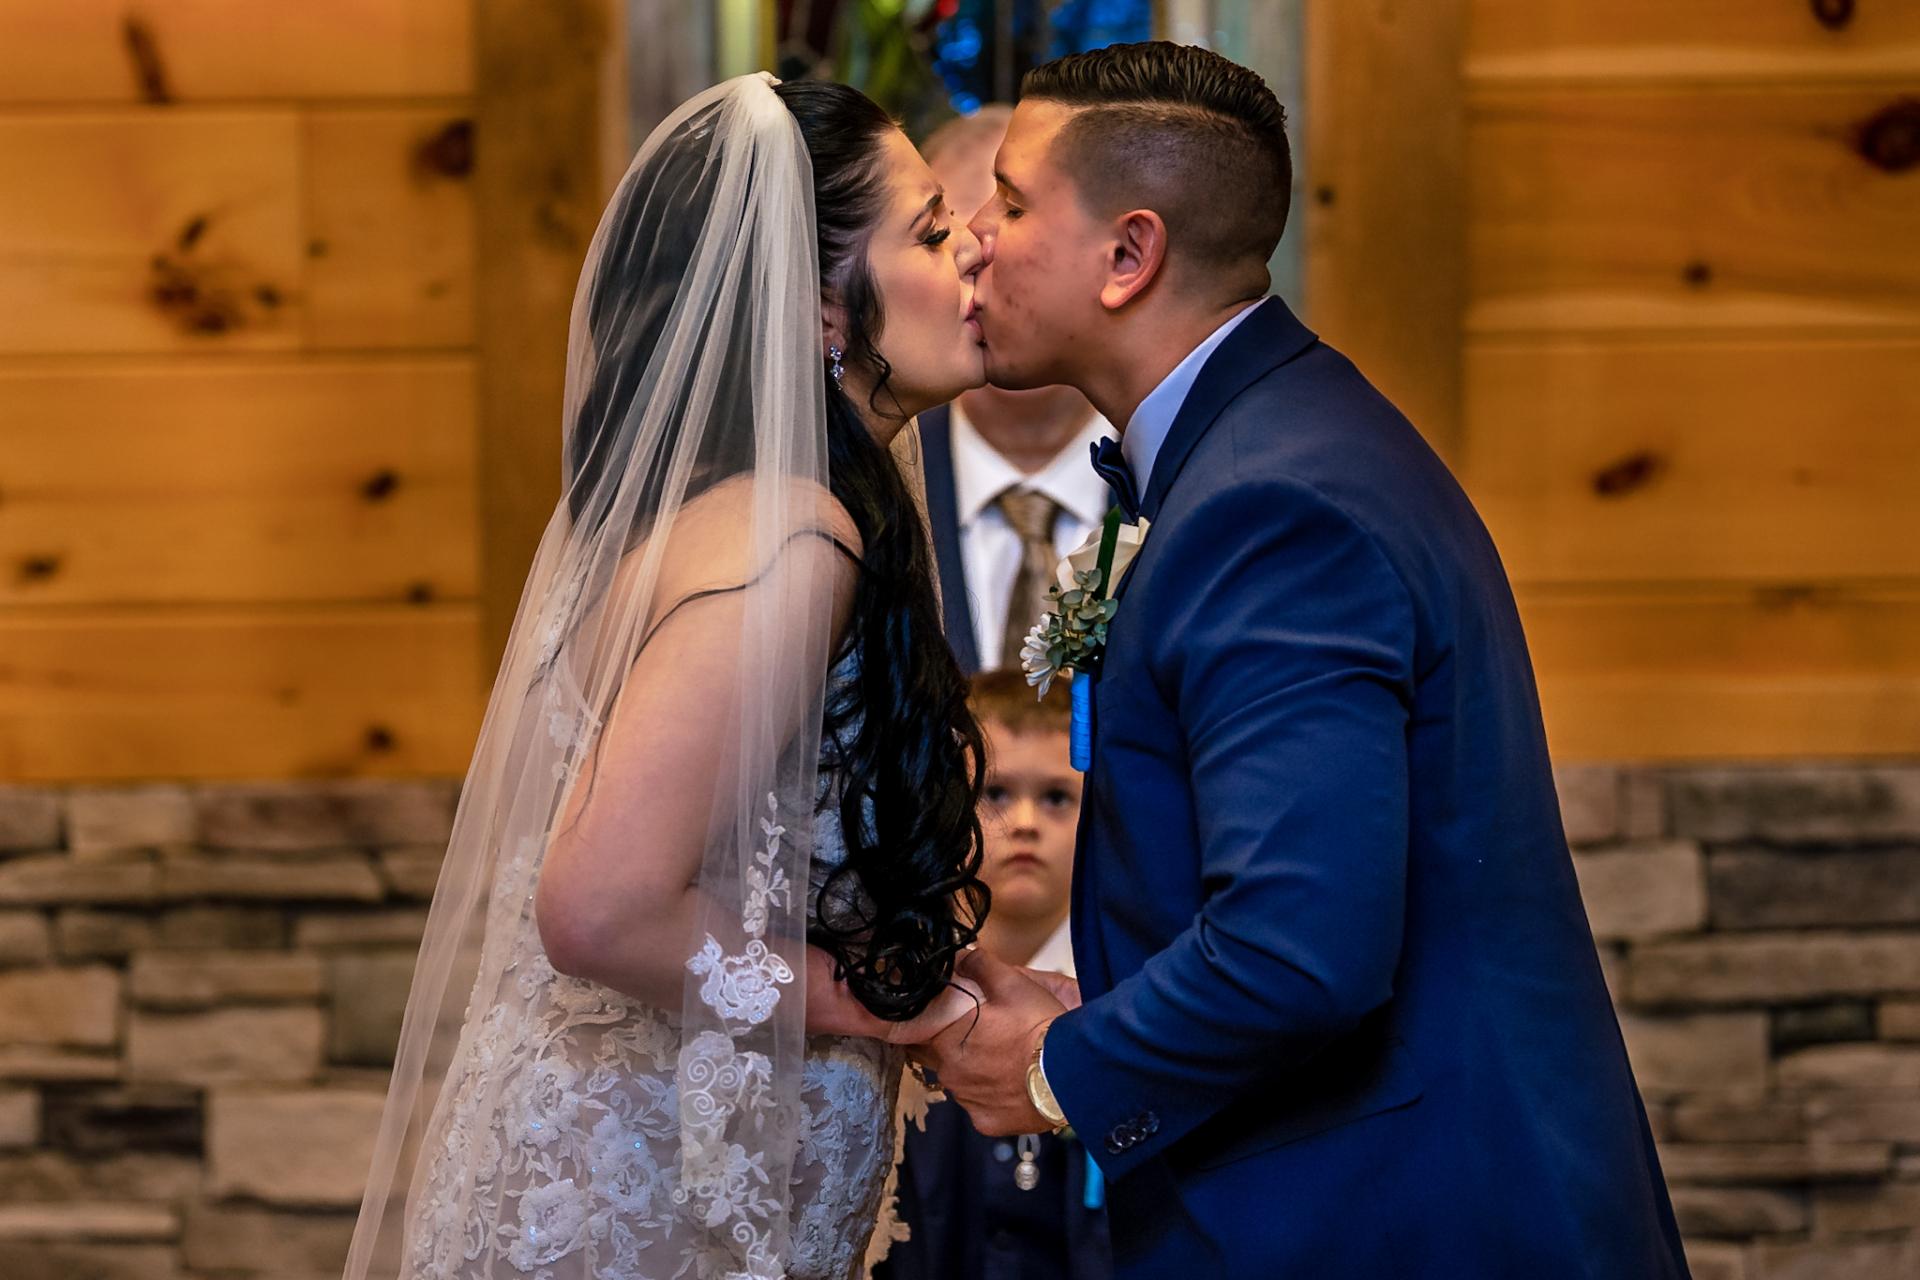 Fotógrafo de bodas de la pequeña capilla de troncos de Gatlinburg | El primer beso de los novios